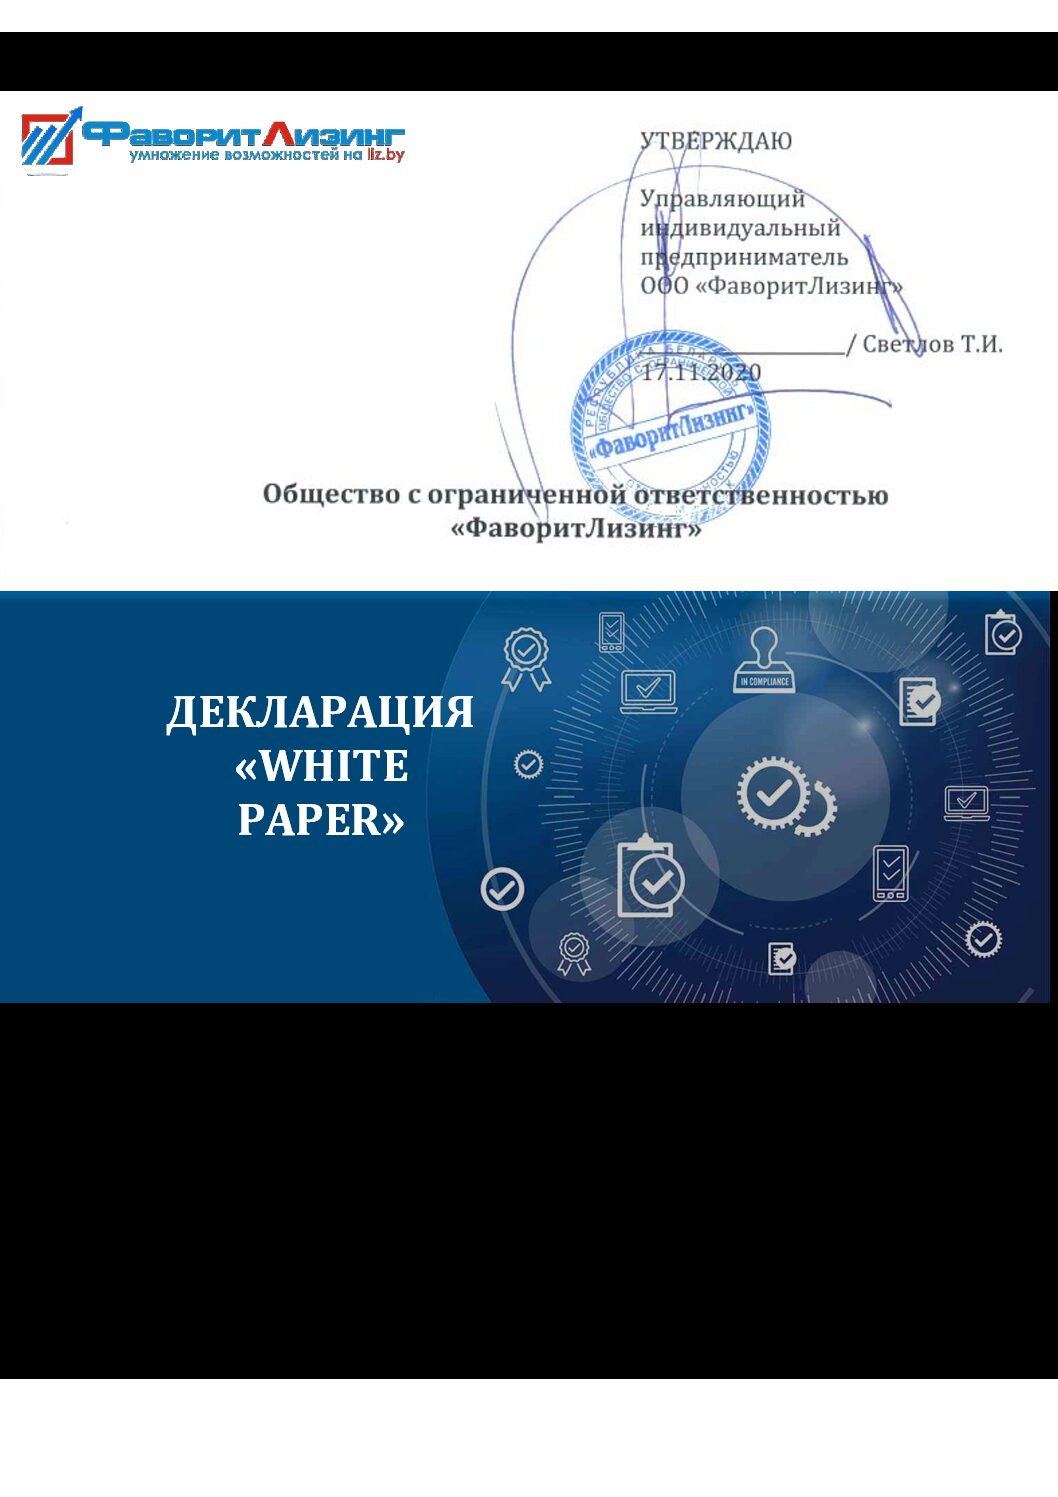 Декларация «White Paper» о создании и размещении цифровых знаков  USD_48